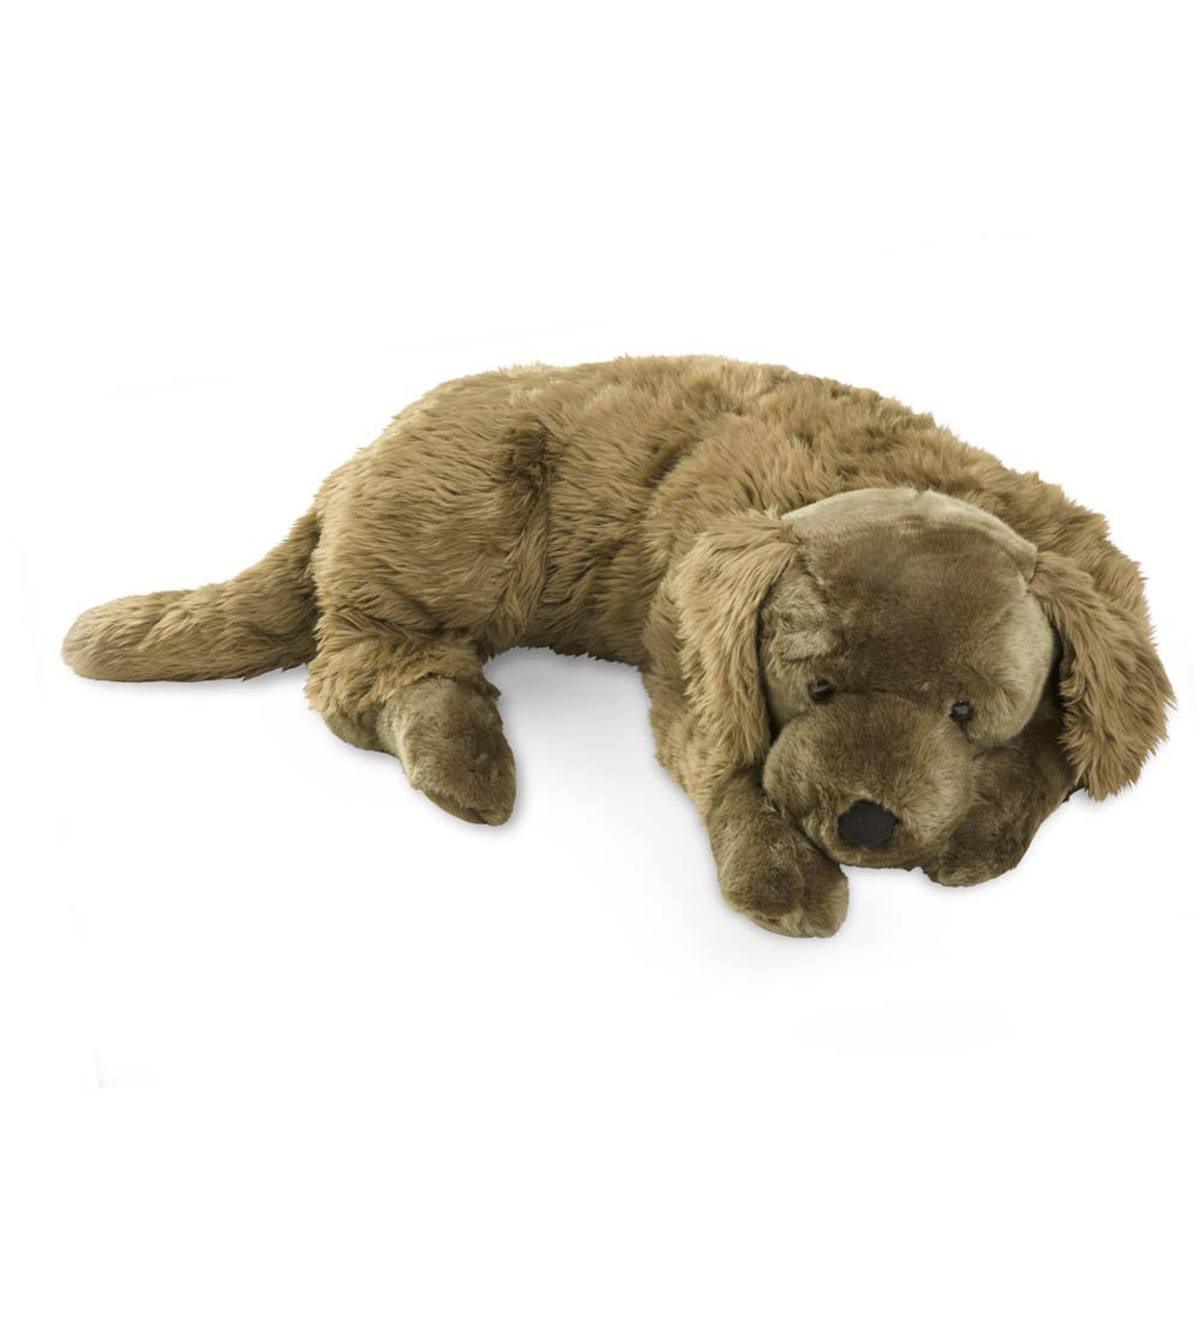 Labrador Retriever Body Pillow Plowhearth